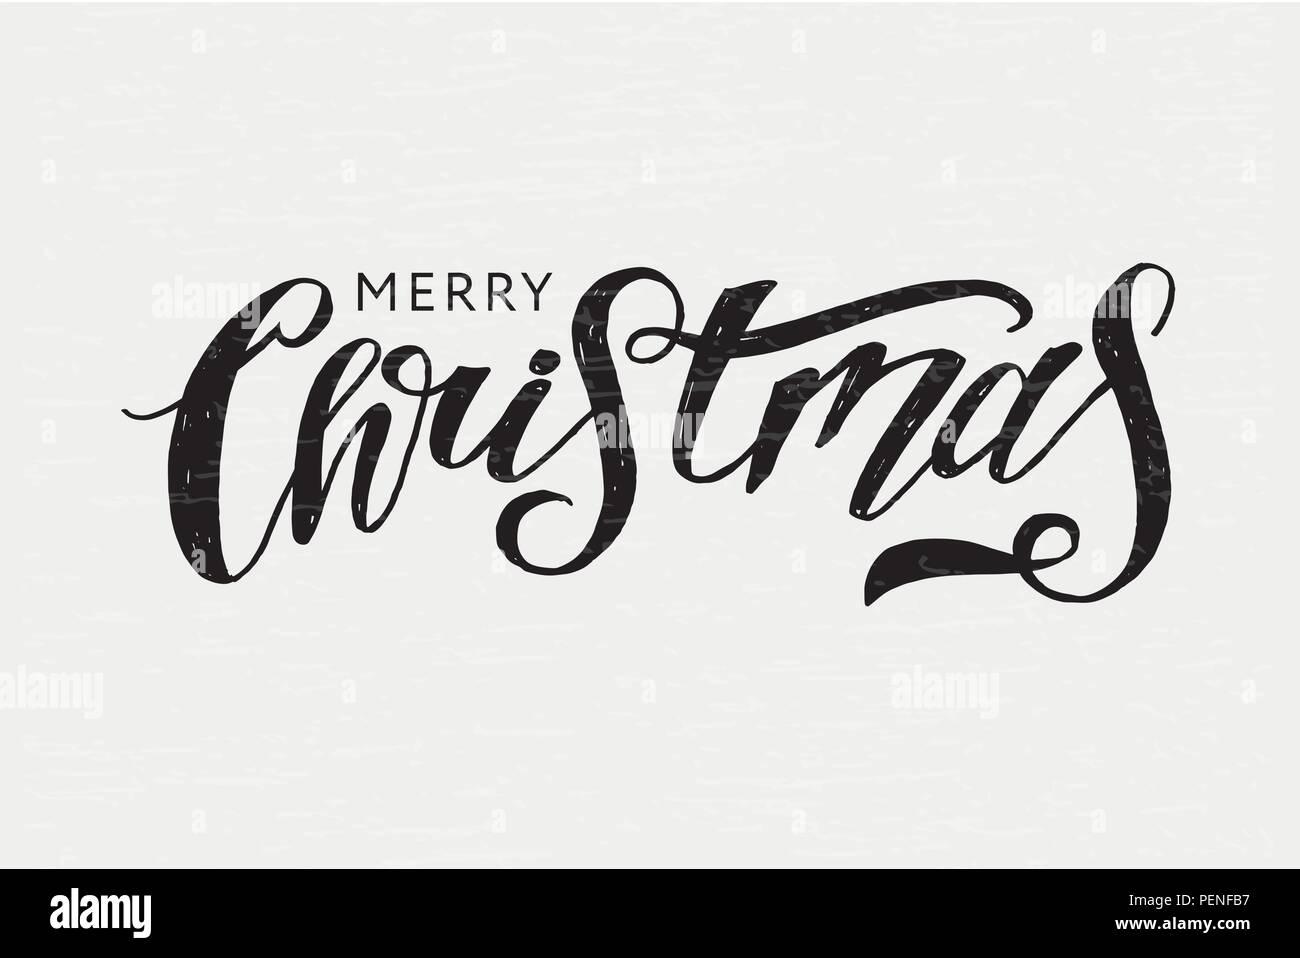 Schriftzug Frohe Weihnachten Zum Ausdrucken.Weihnachten Schrift Kalligraphie Pinsel Text Urlaub Vektor Aufkleber